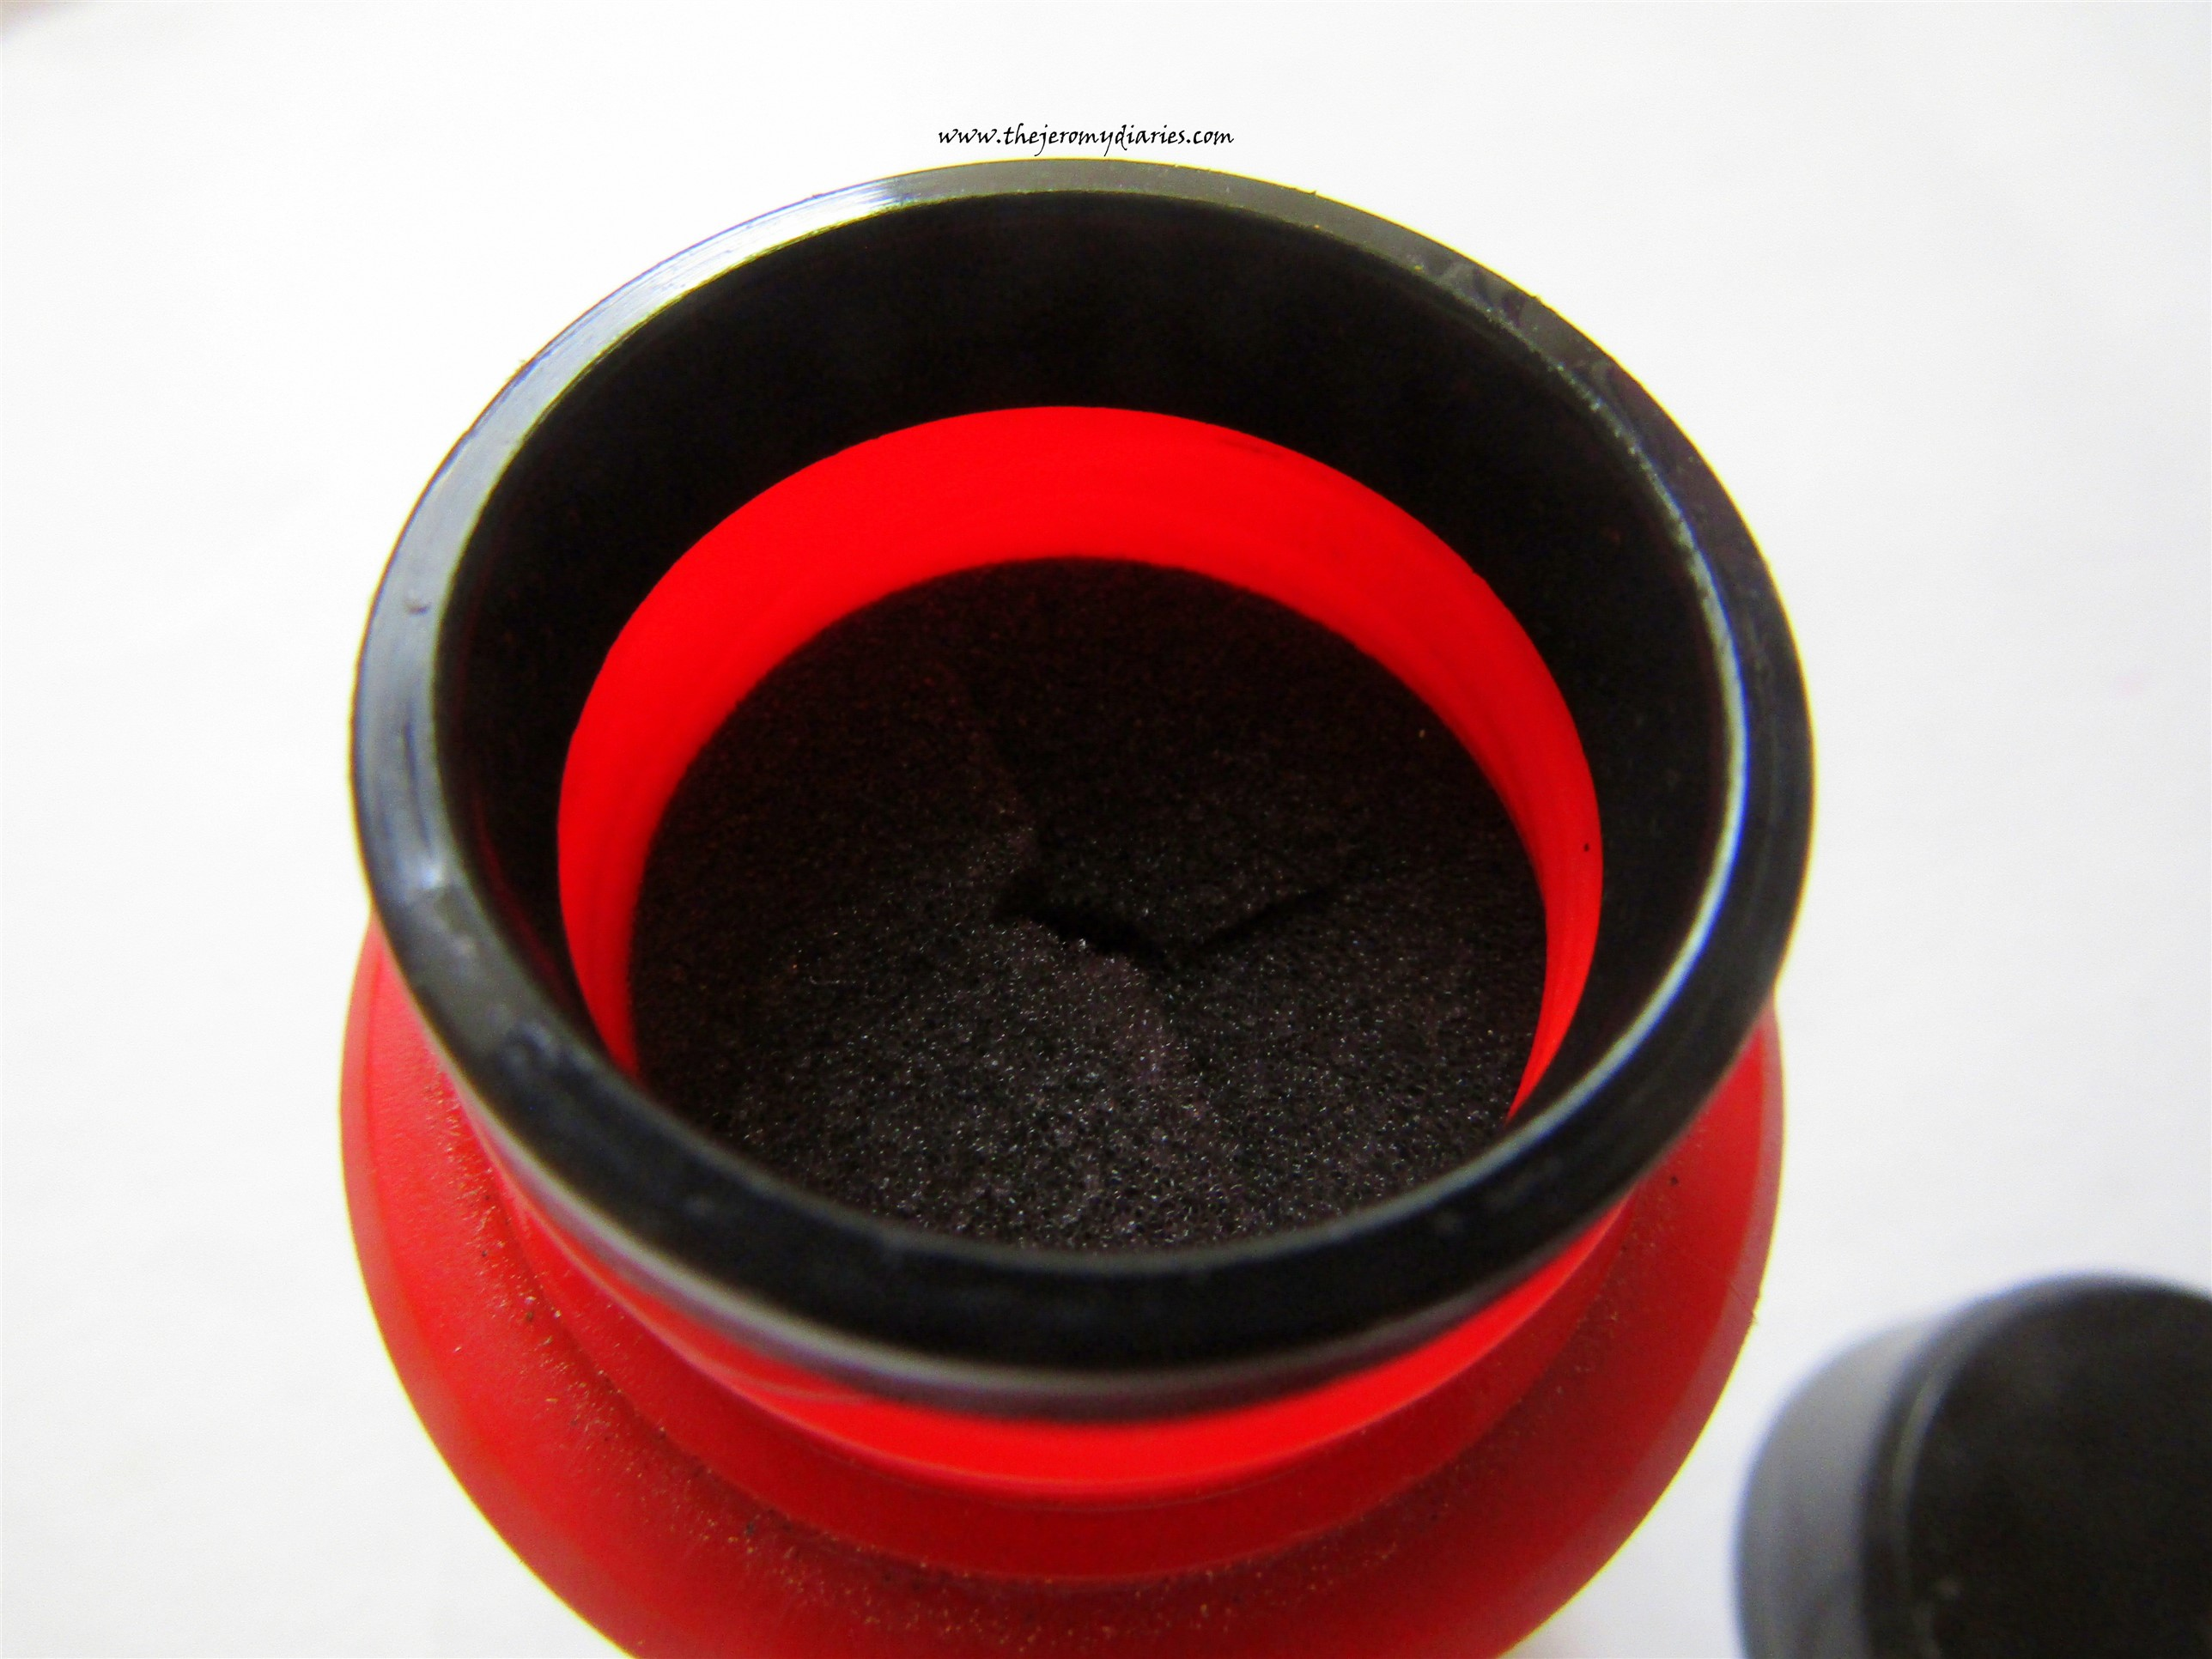 ylg nails 365 nail care range magic dip remover